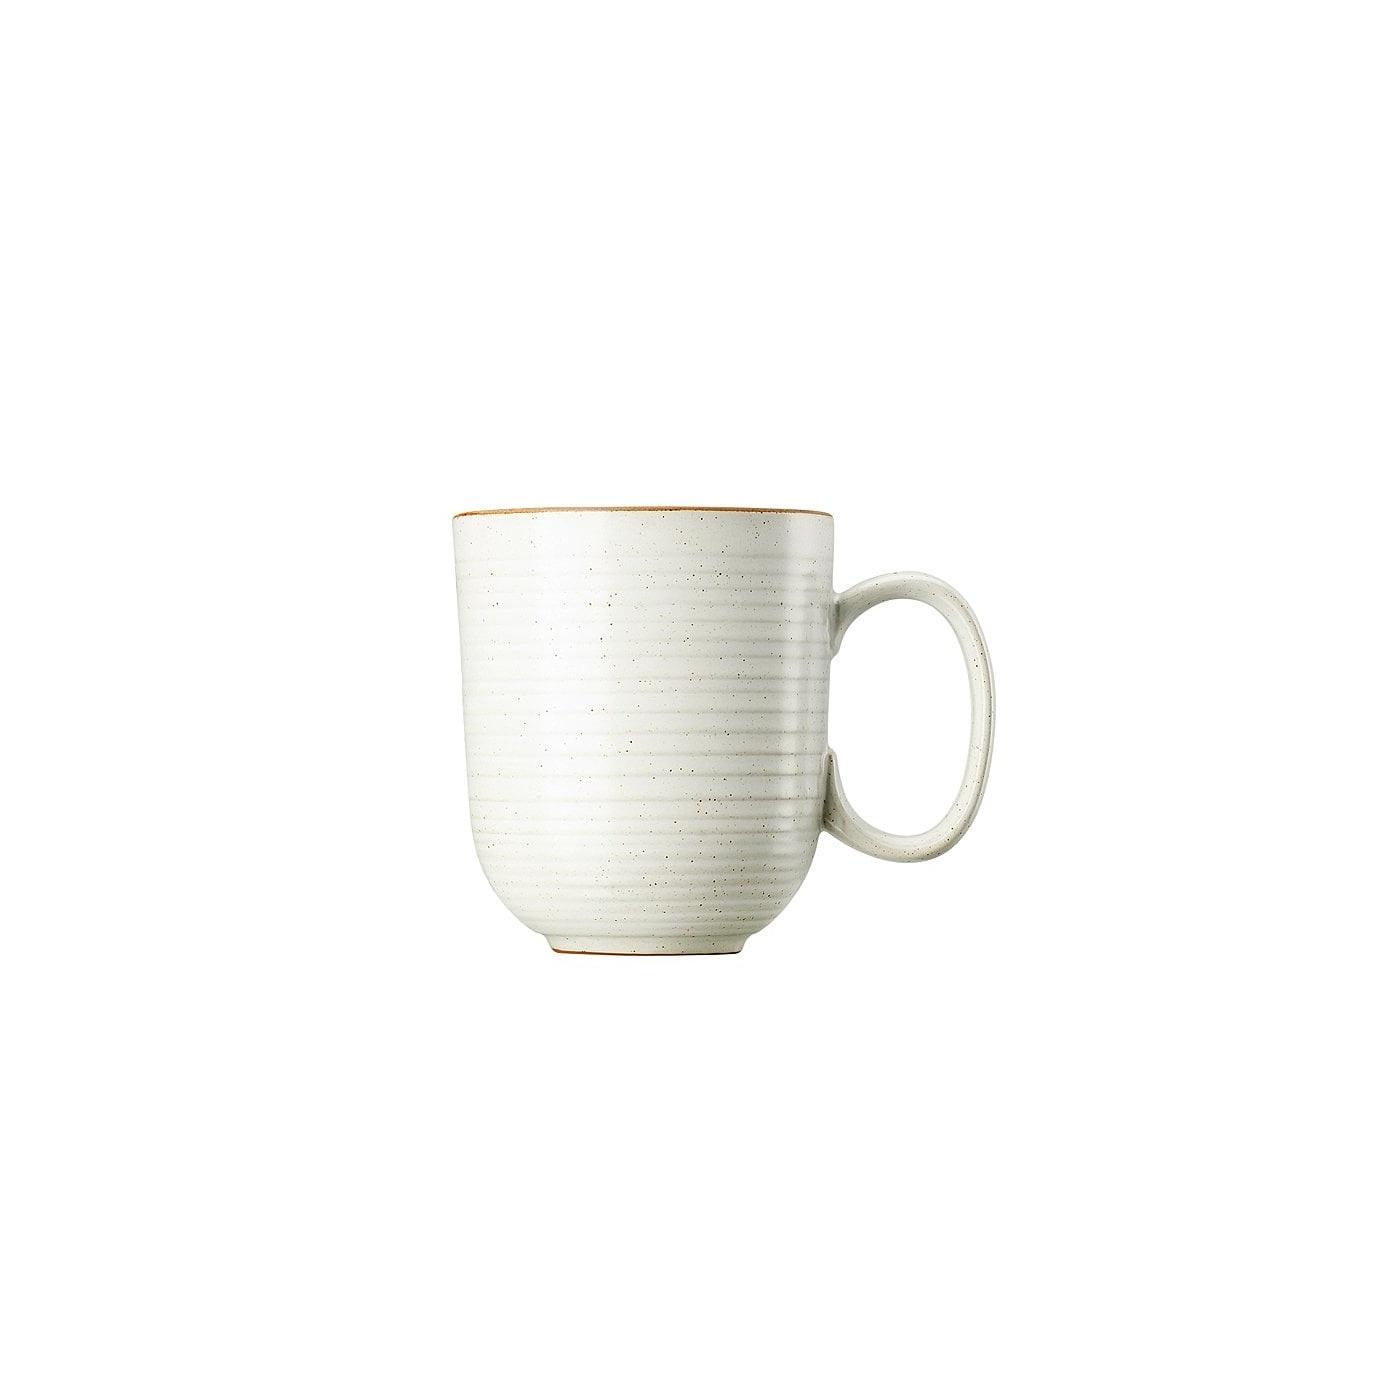 Онлайн каталог PROMENU: Кружка с ручкой керамическая Thomas Nature, объем 0,4 л, белый                                   21730-227070-65505